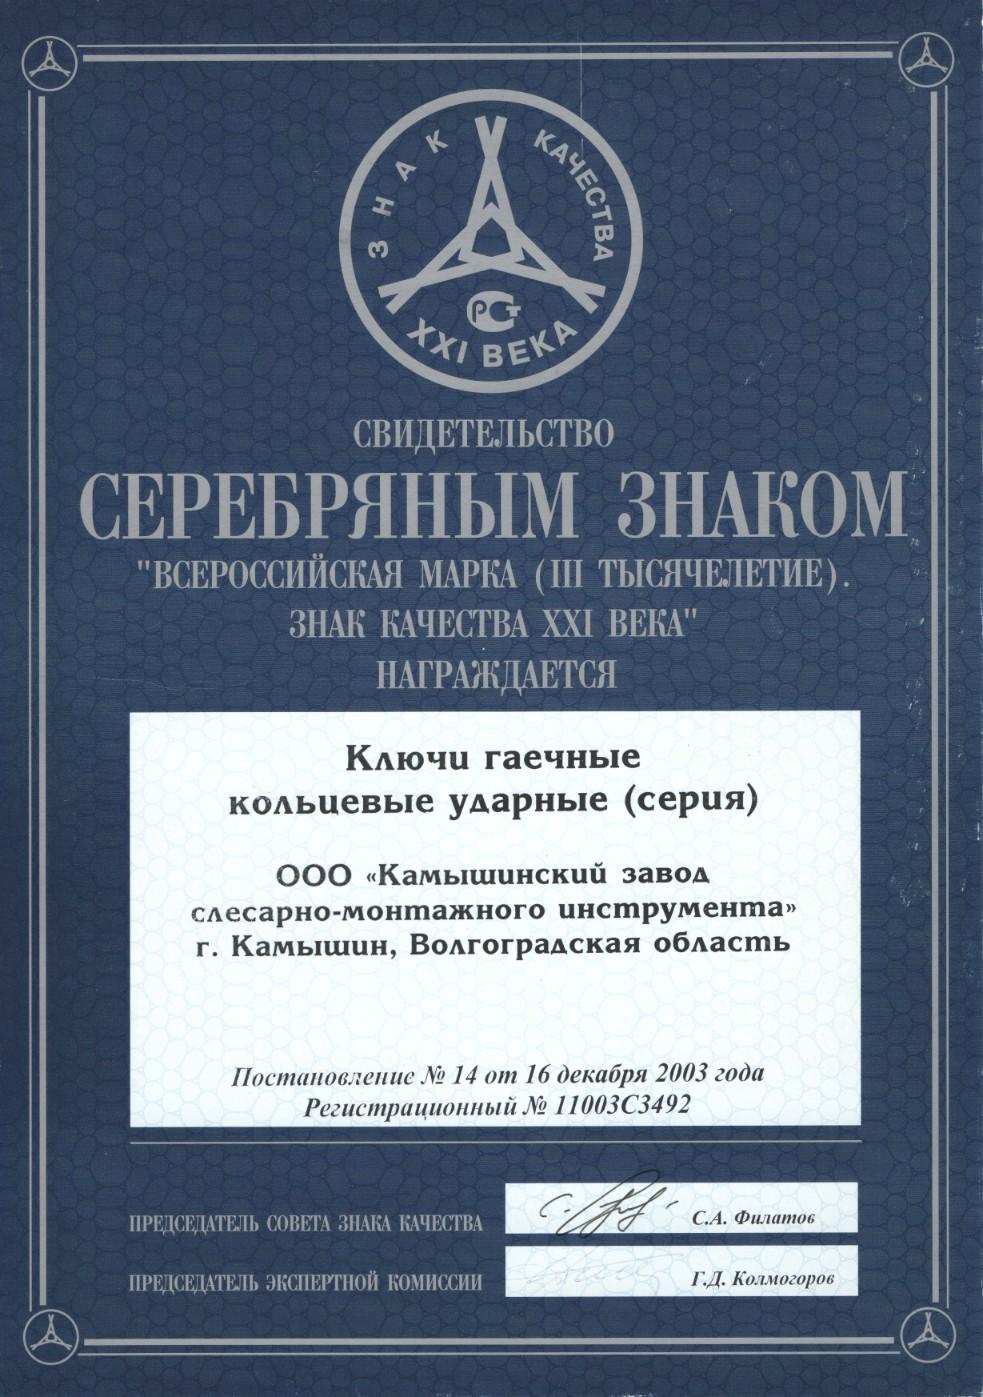 Серебряный знак, КГКУ